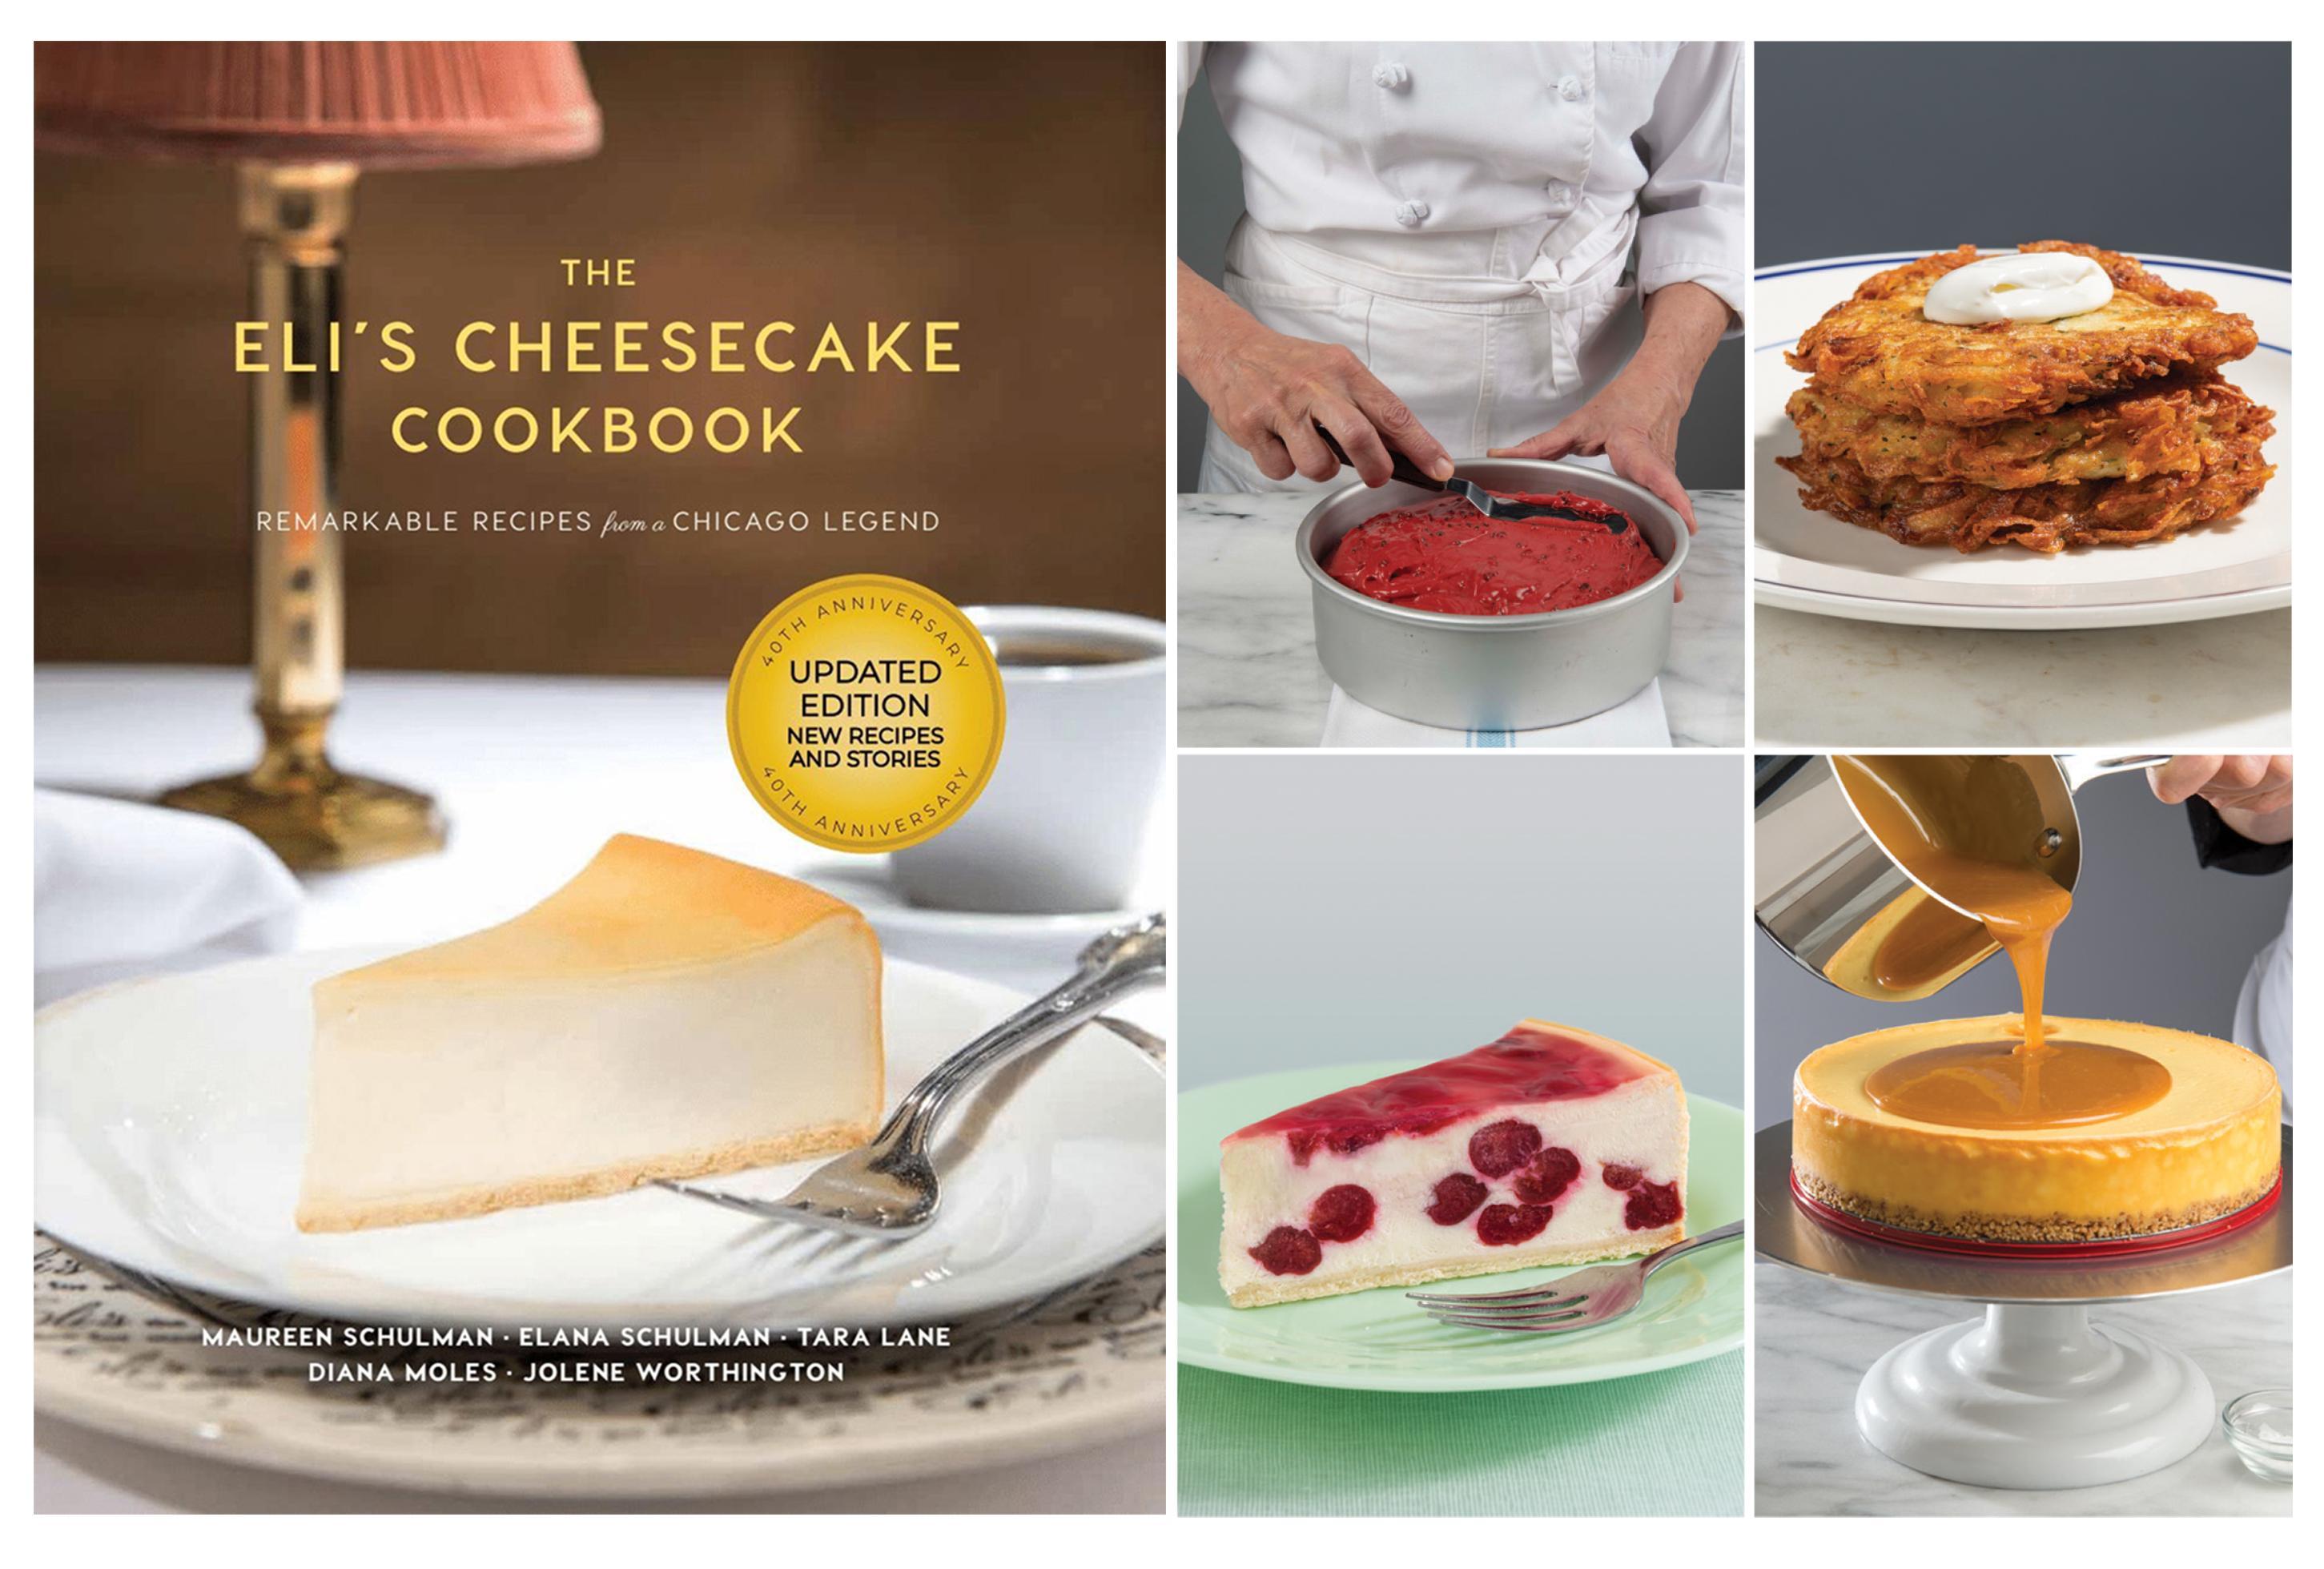 Eli's Cheesecake Cookbook, Second Edition (pre-order)